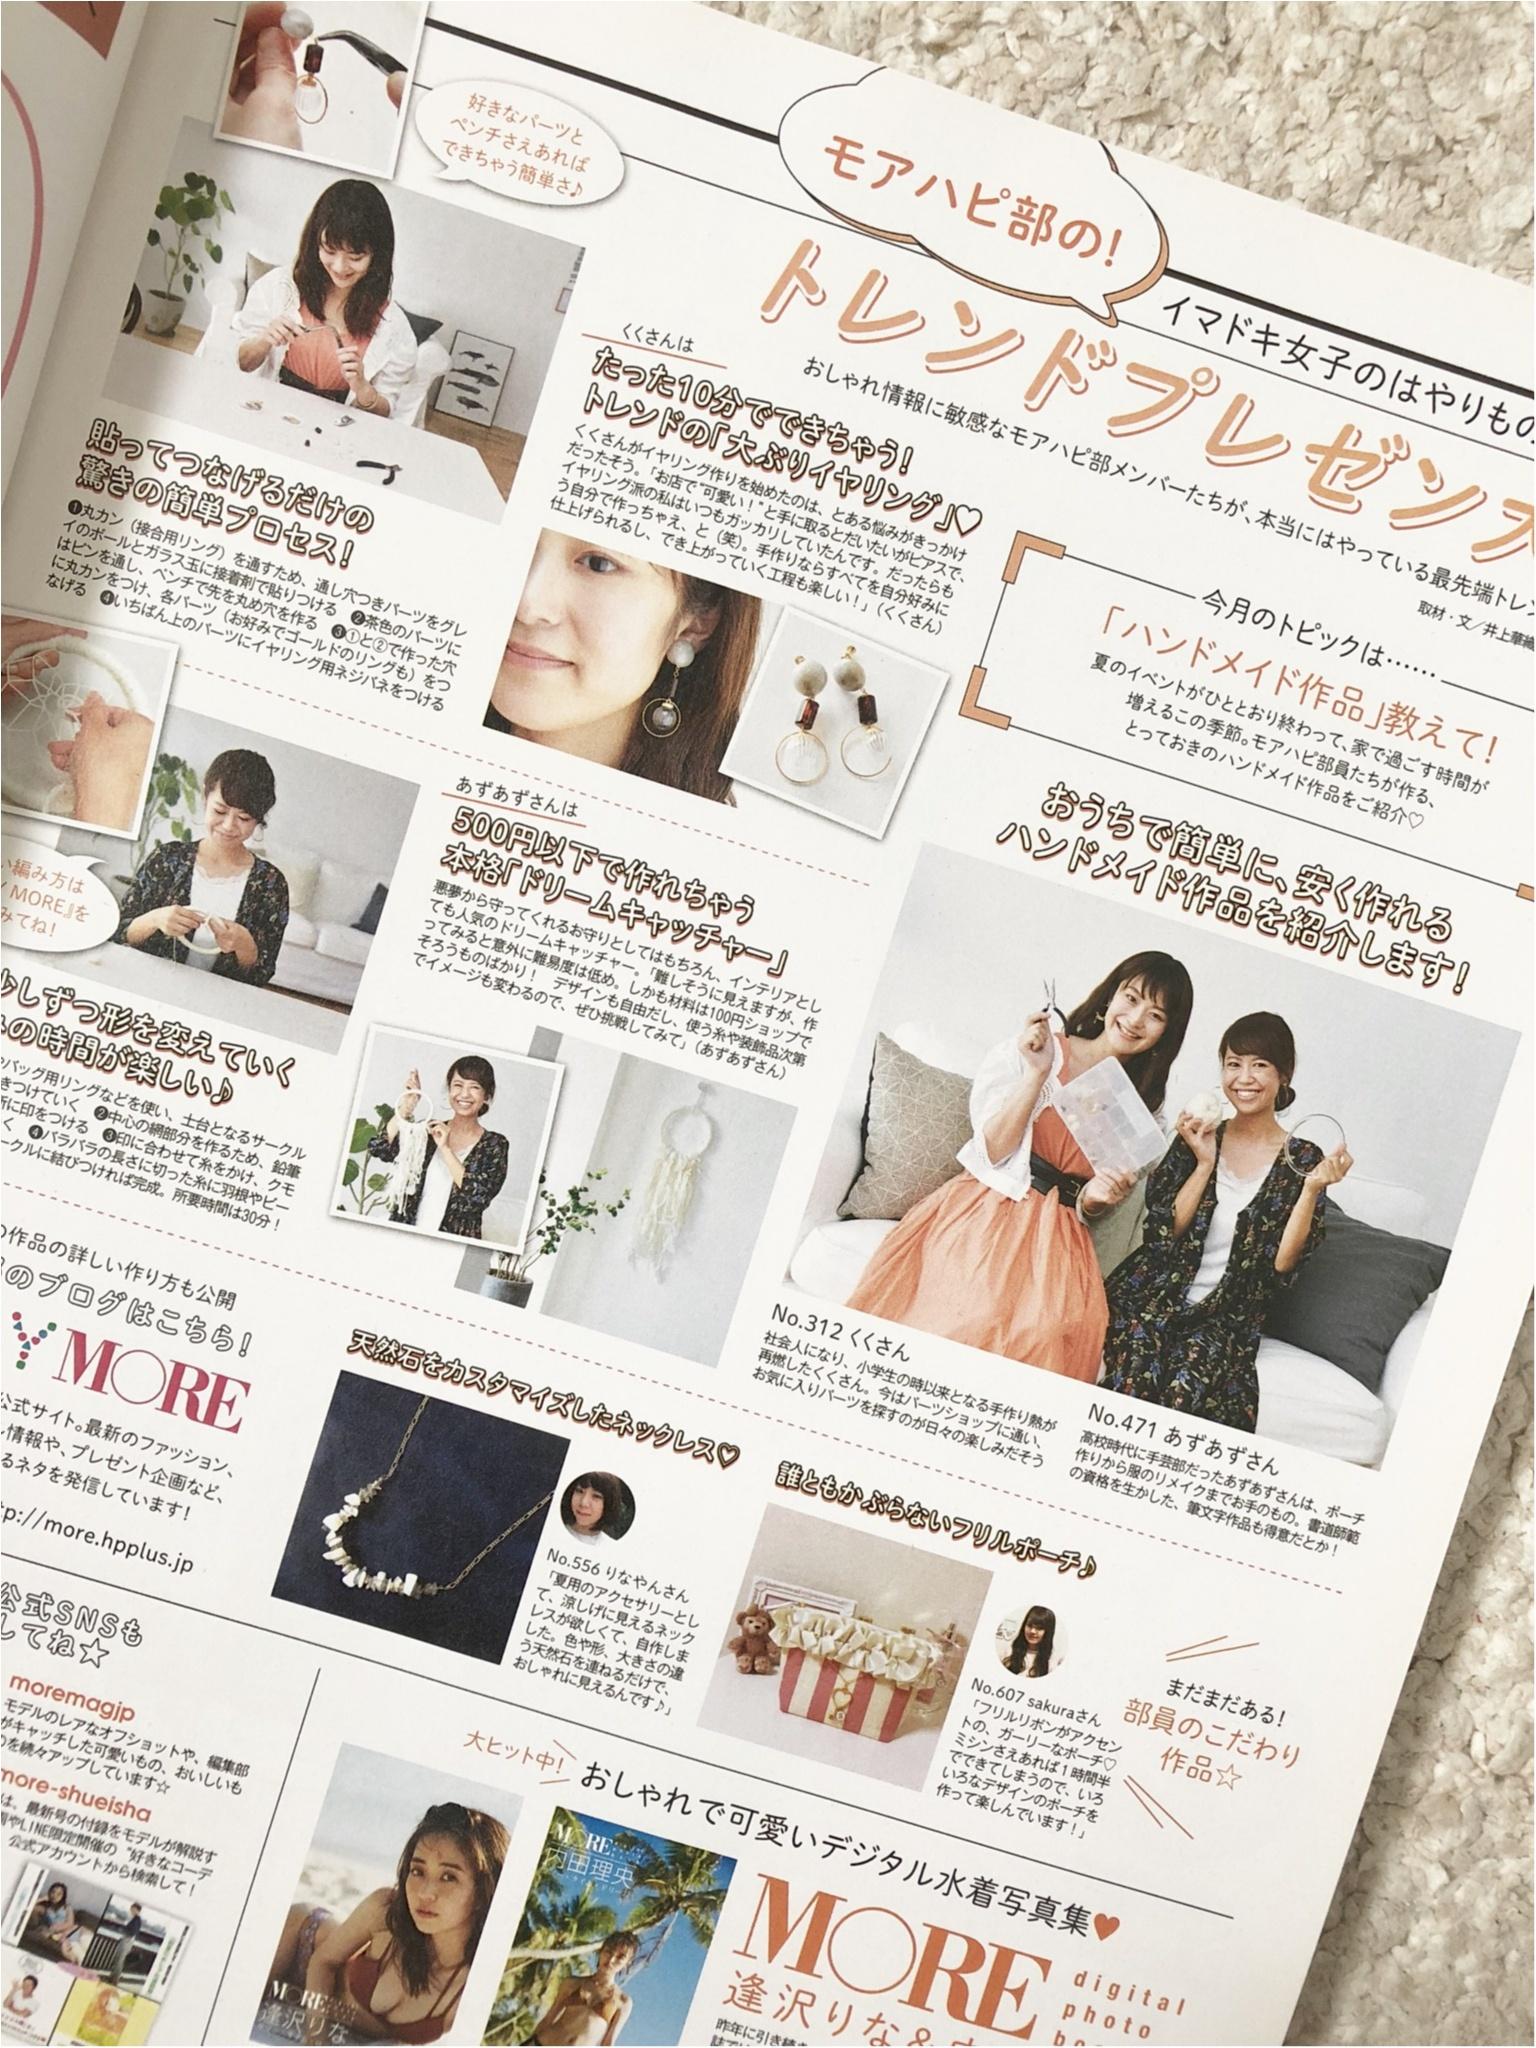 【UNIQLO(ユニクロ)】今日から¥1000オフなんて買うしかない!《サーキュラースカート》が美シルエットで素敵すぎる❤️_1